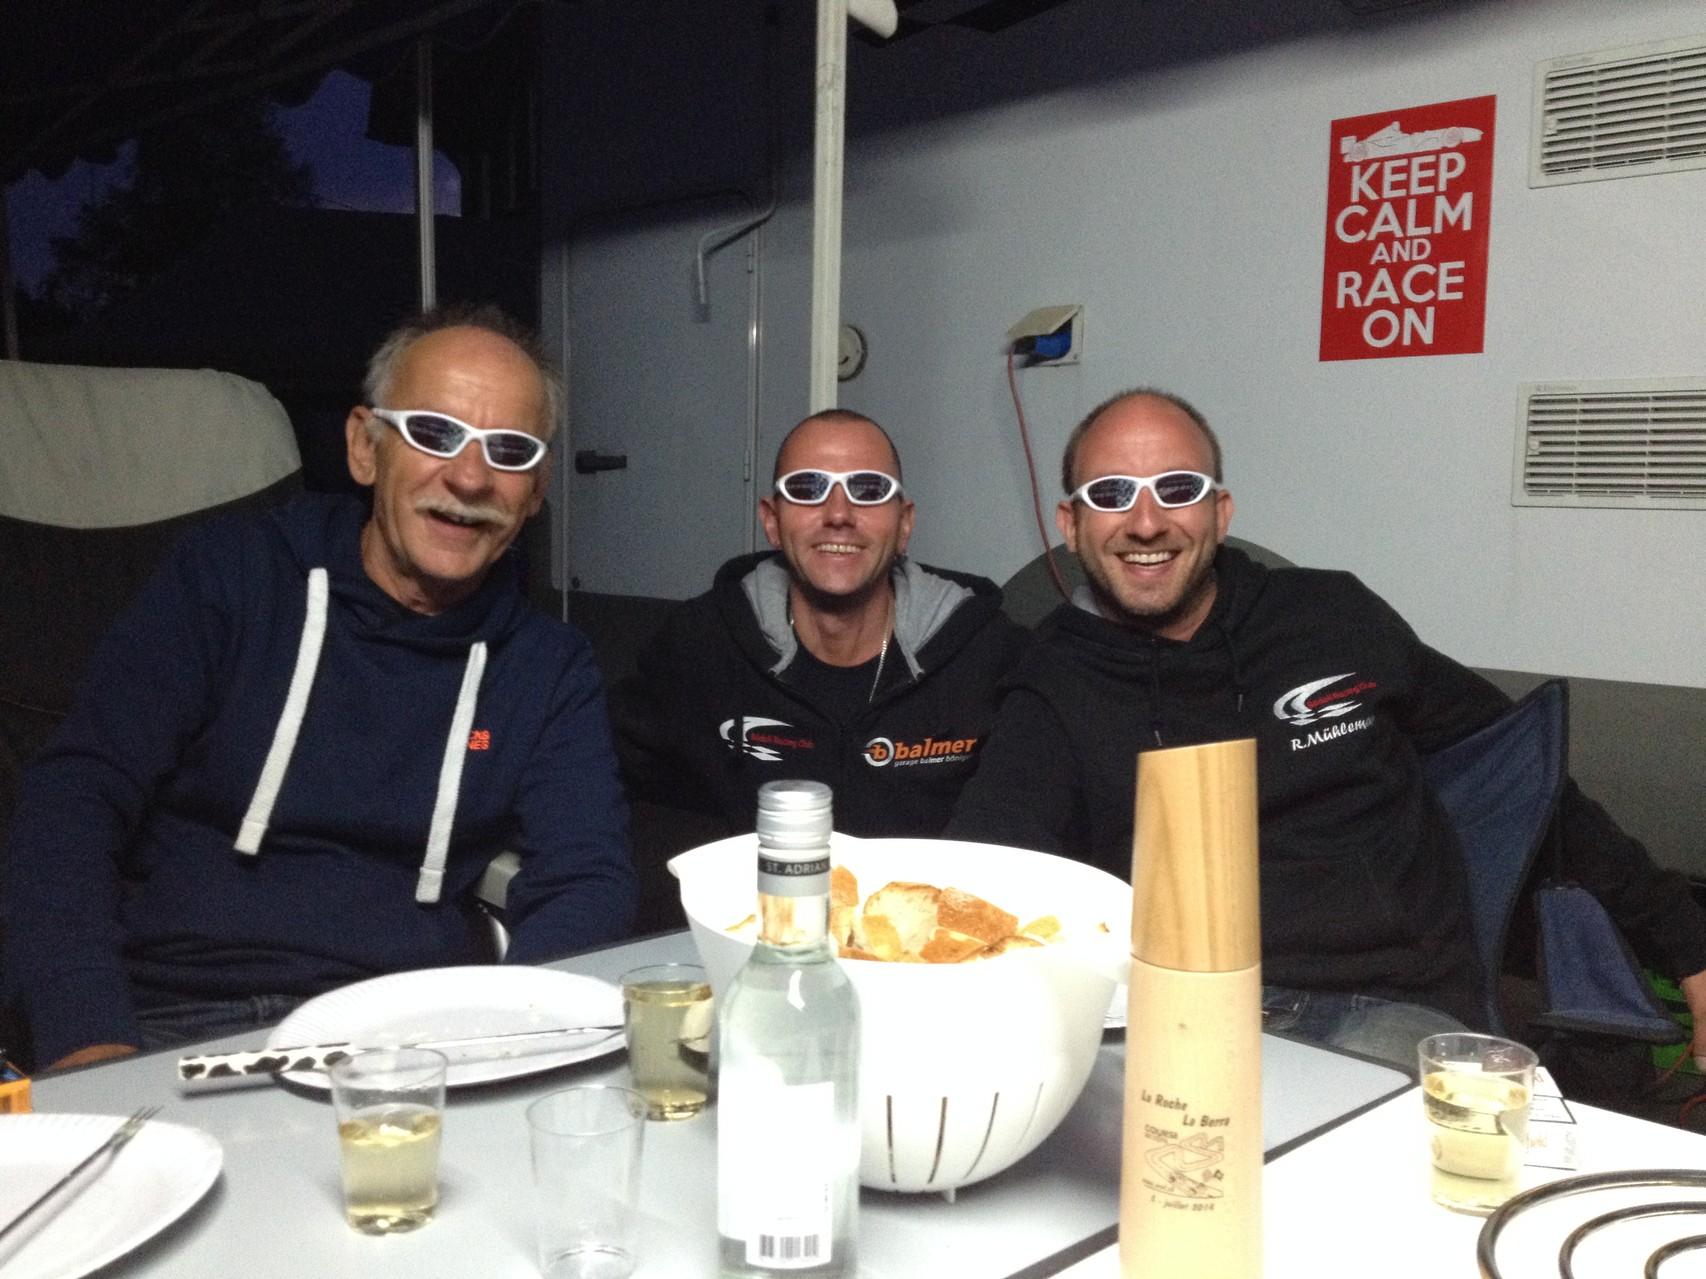 coole Brillen gabs für die Piloten ;-)